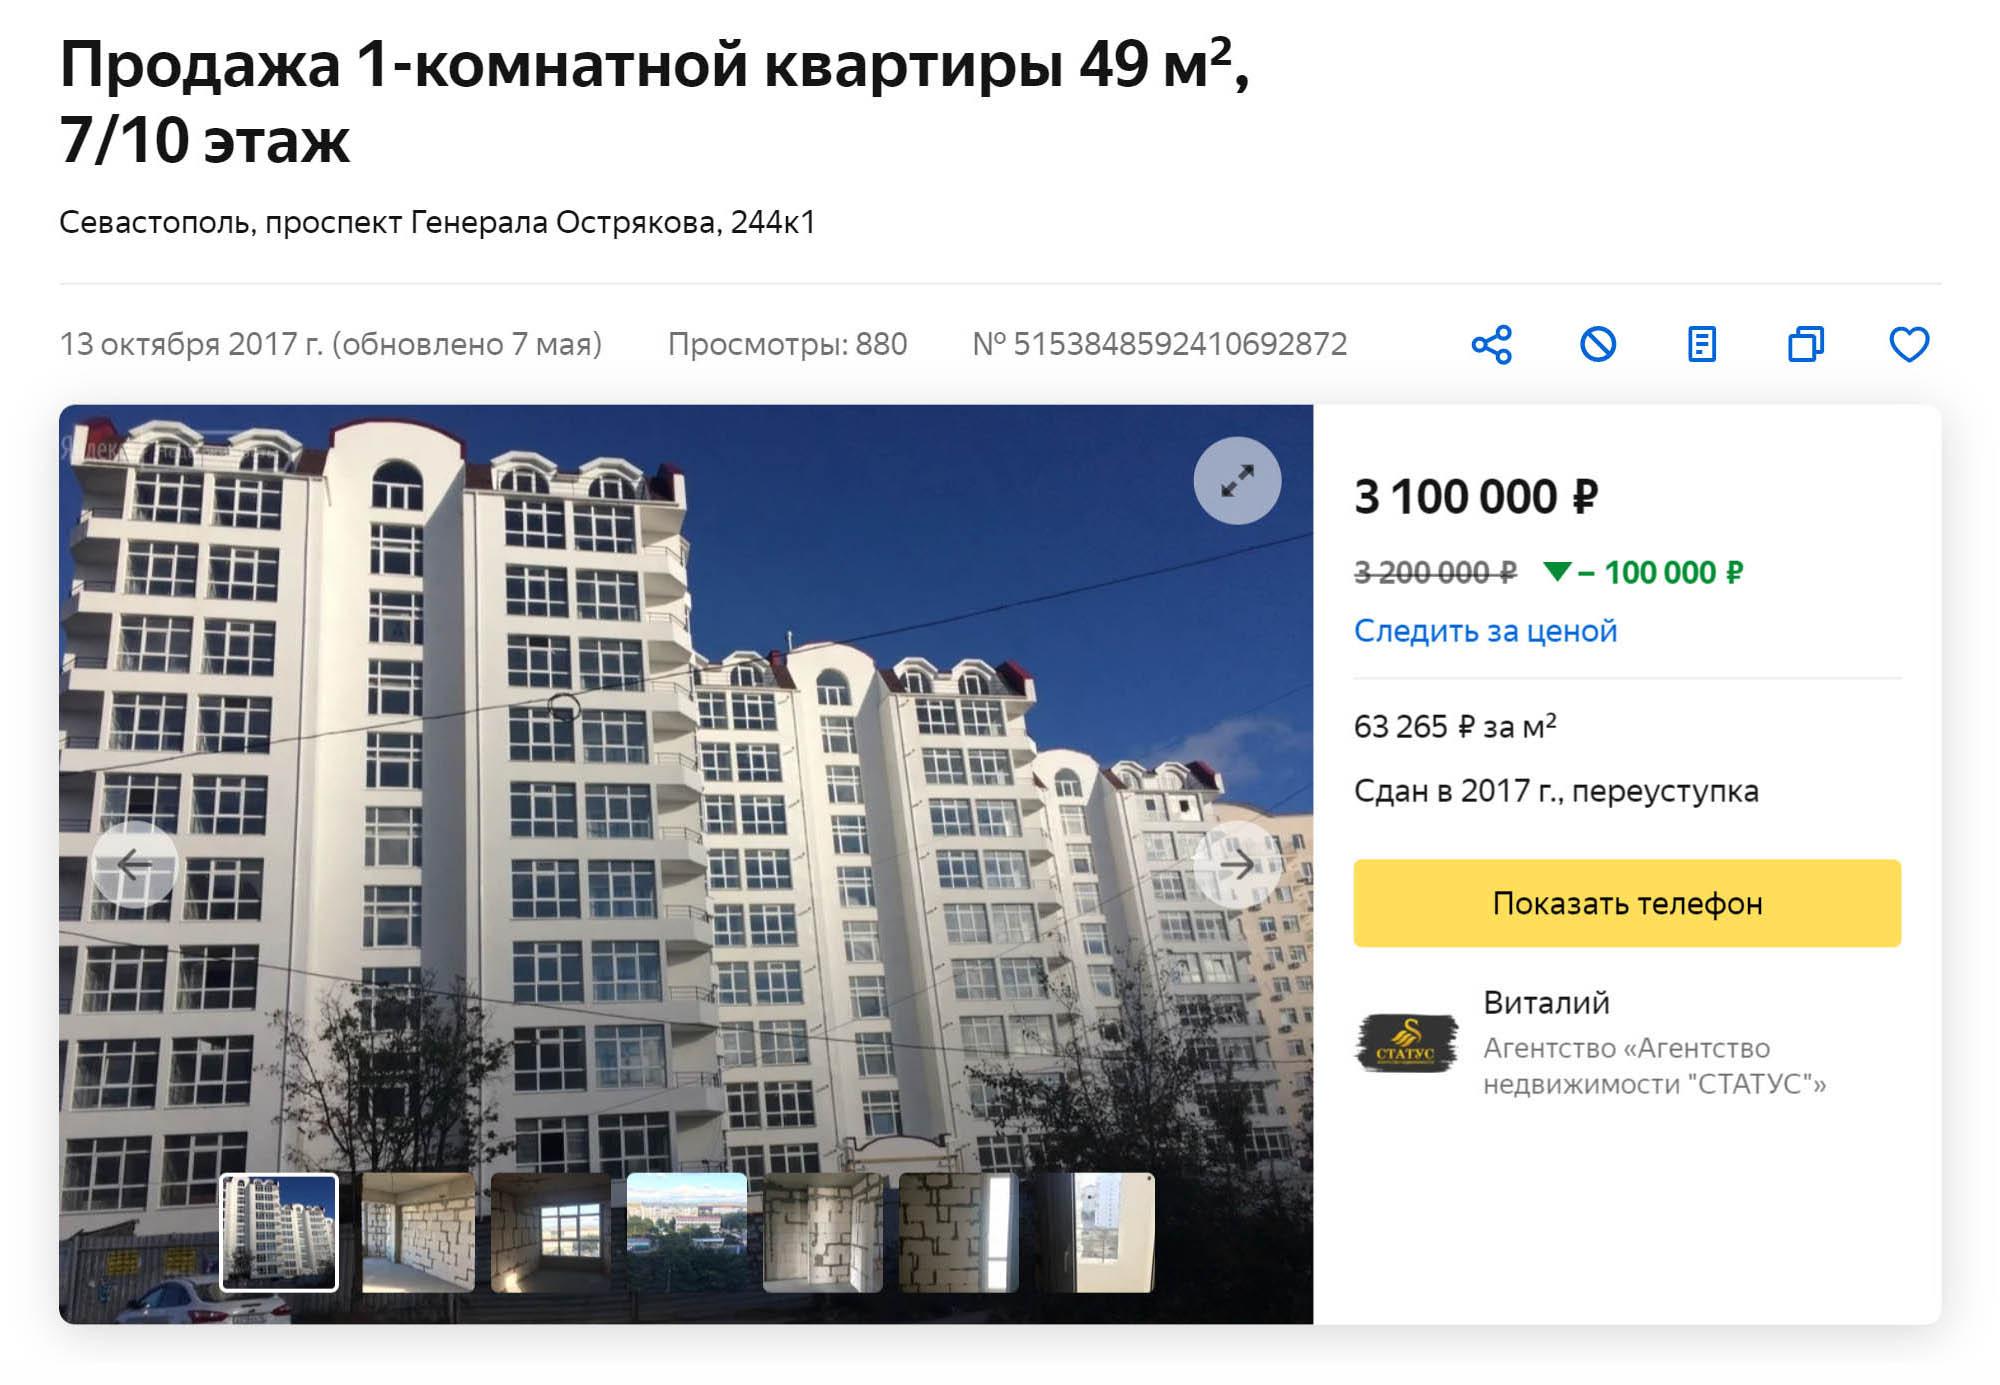 Квартира в новостройке в Ленинском районе, рядом детская больница и школа. Стоимость — 3,1 млнрублей